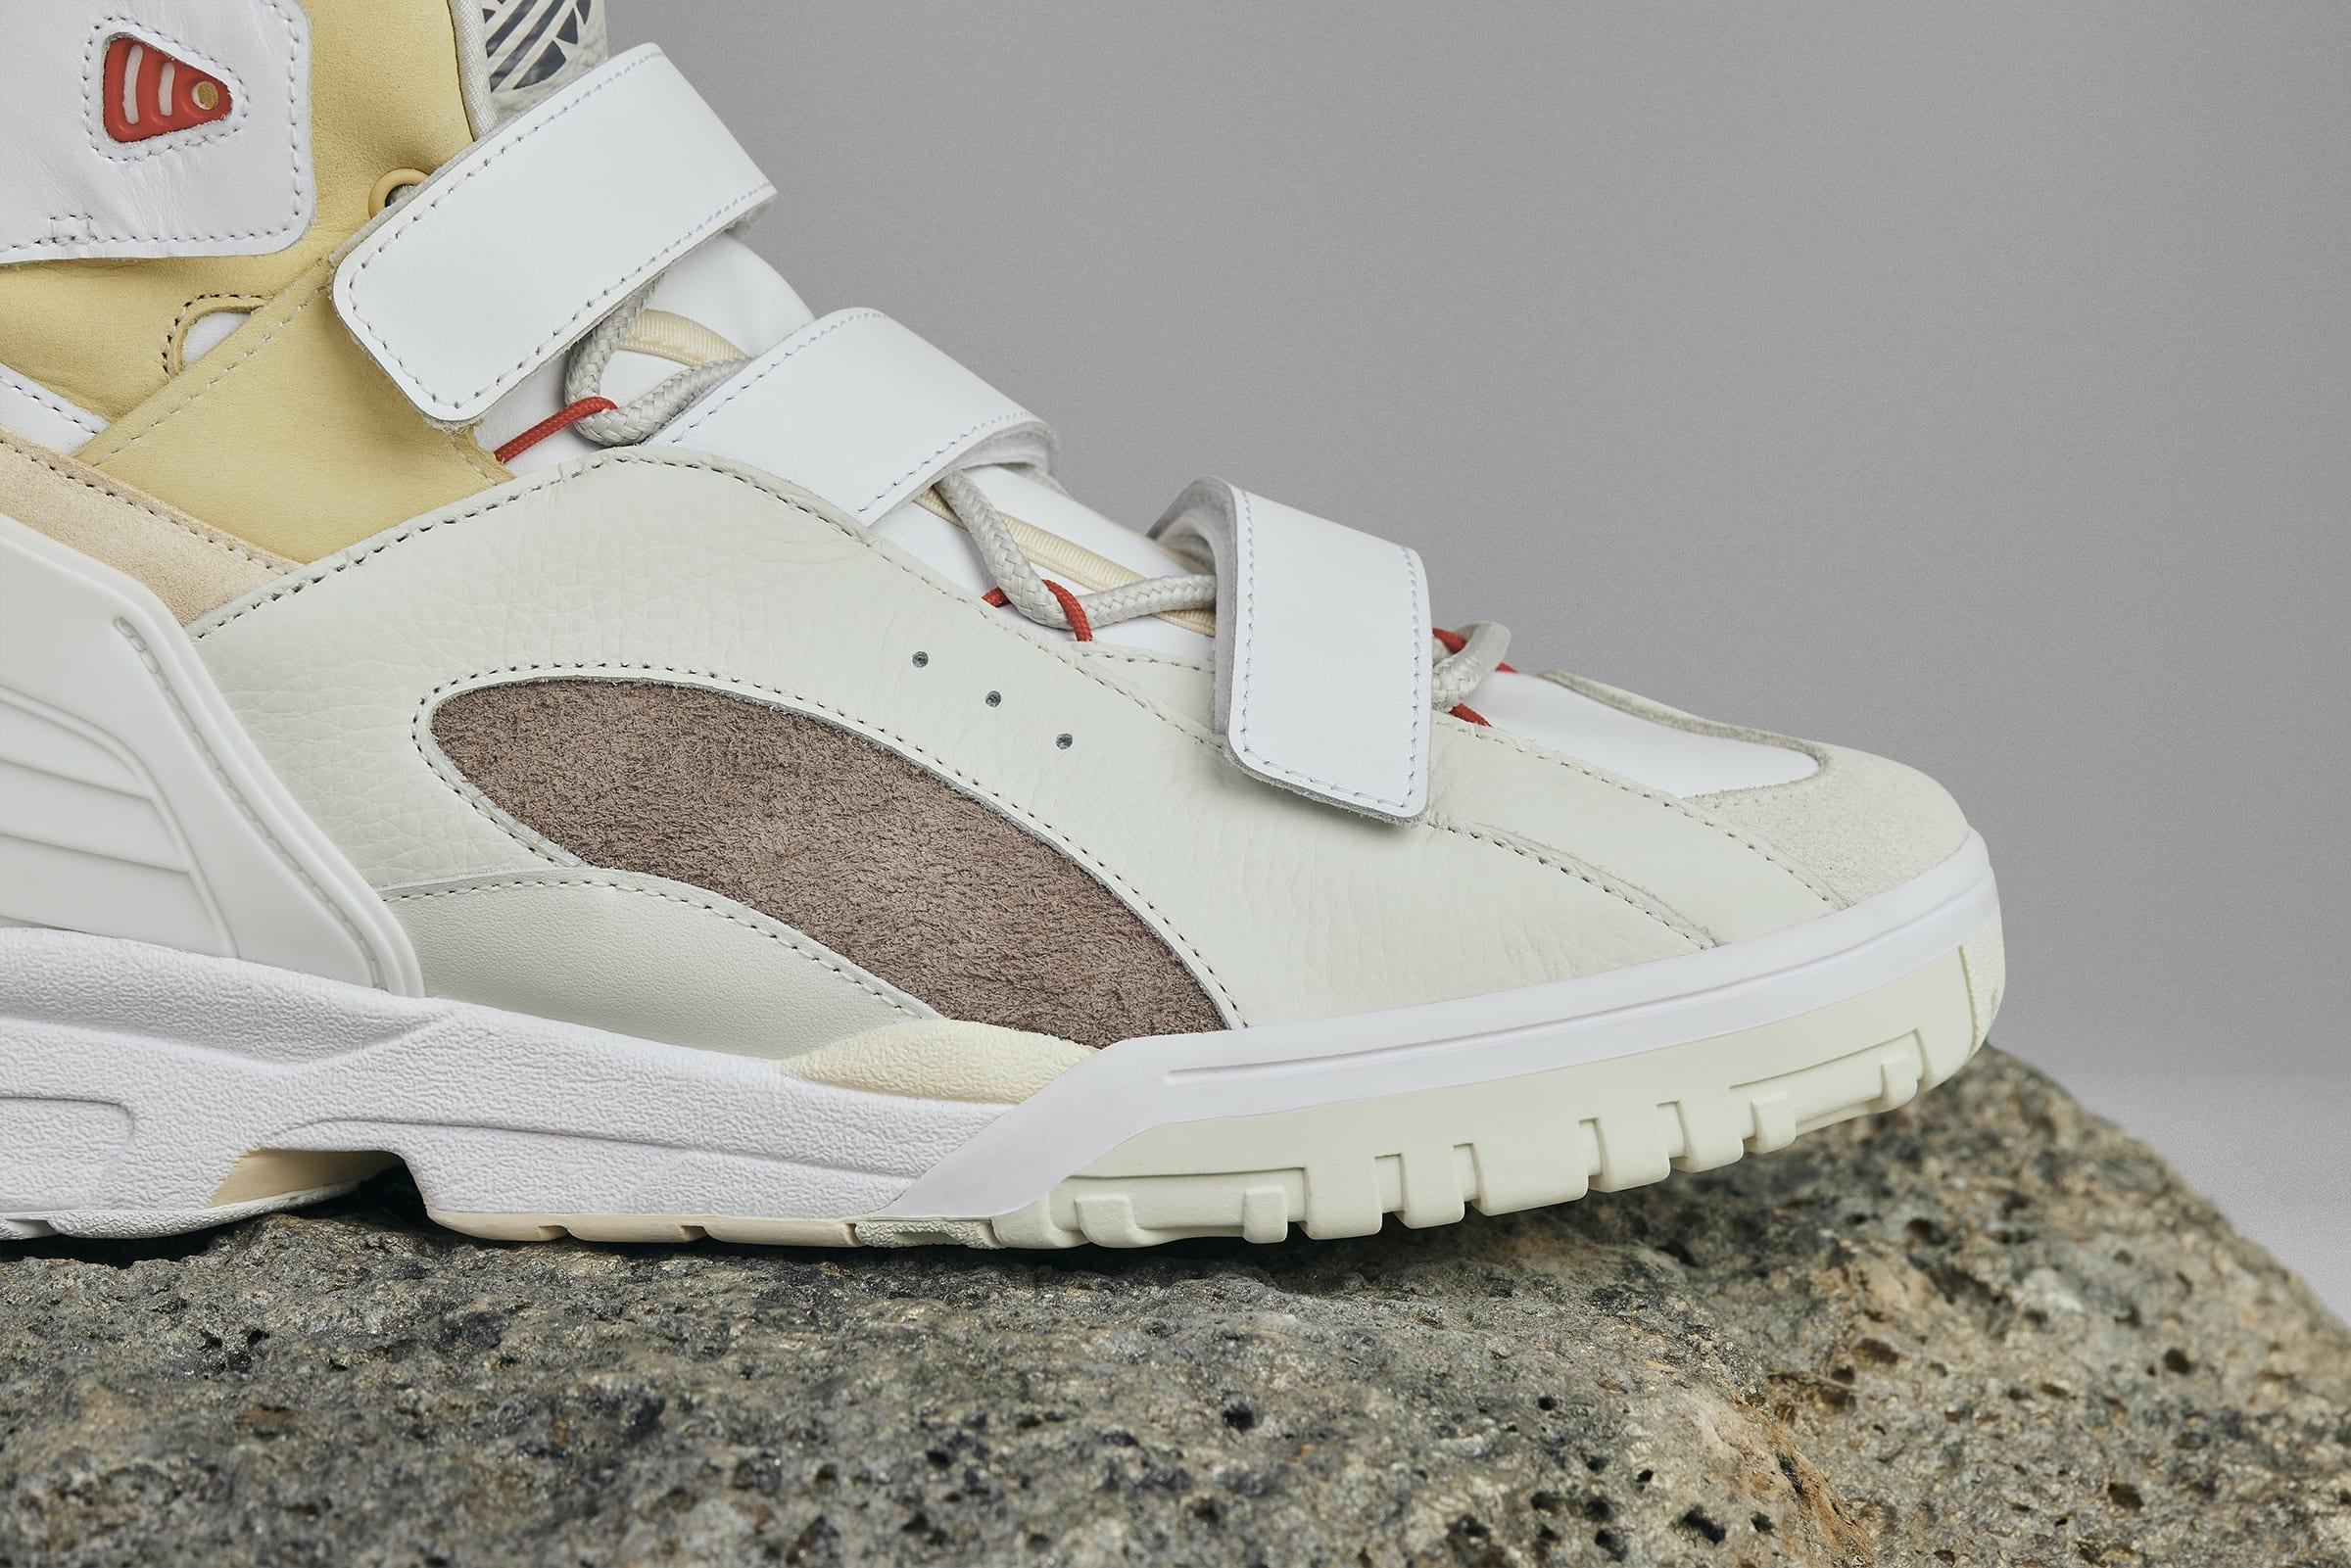 Kid Cudi Is Getting His Own Adidas Sneaker